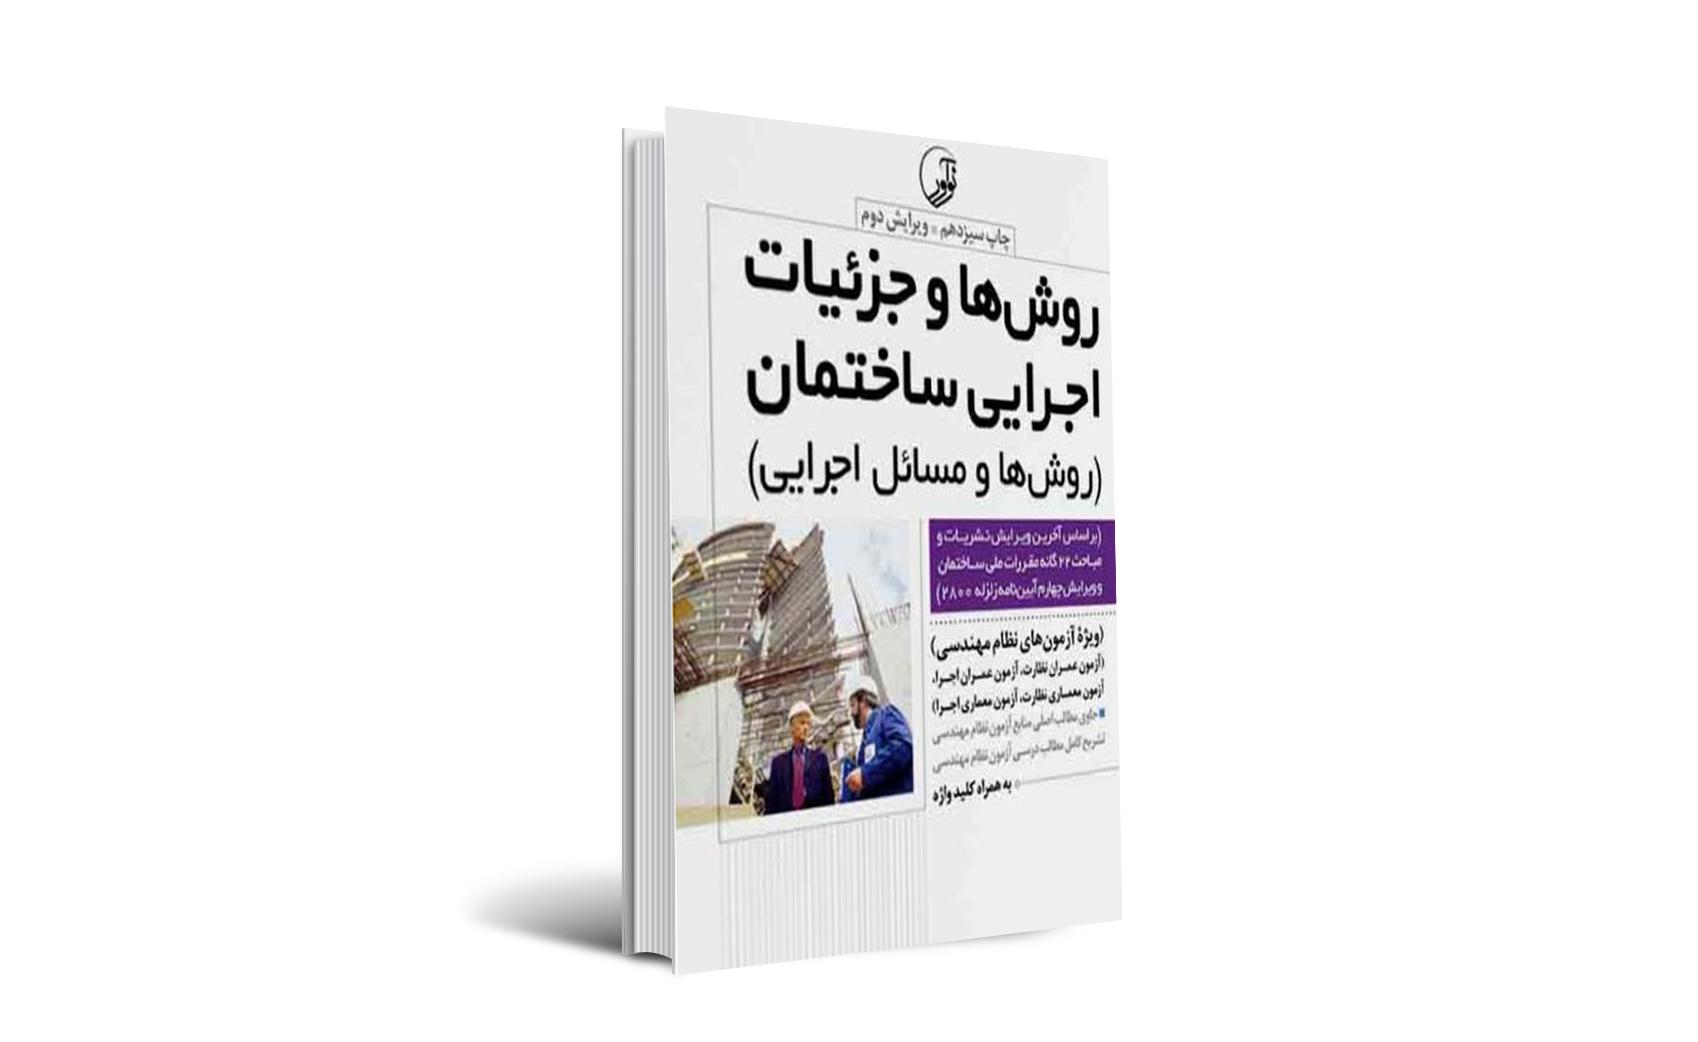 کتاب روشها و جزئیات اجرایی ساختمان